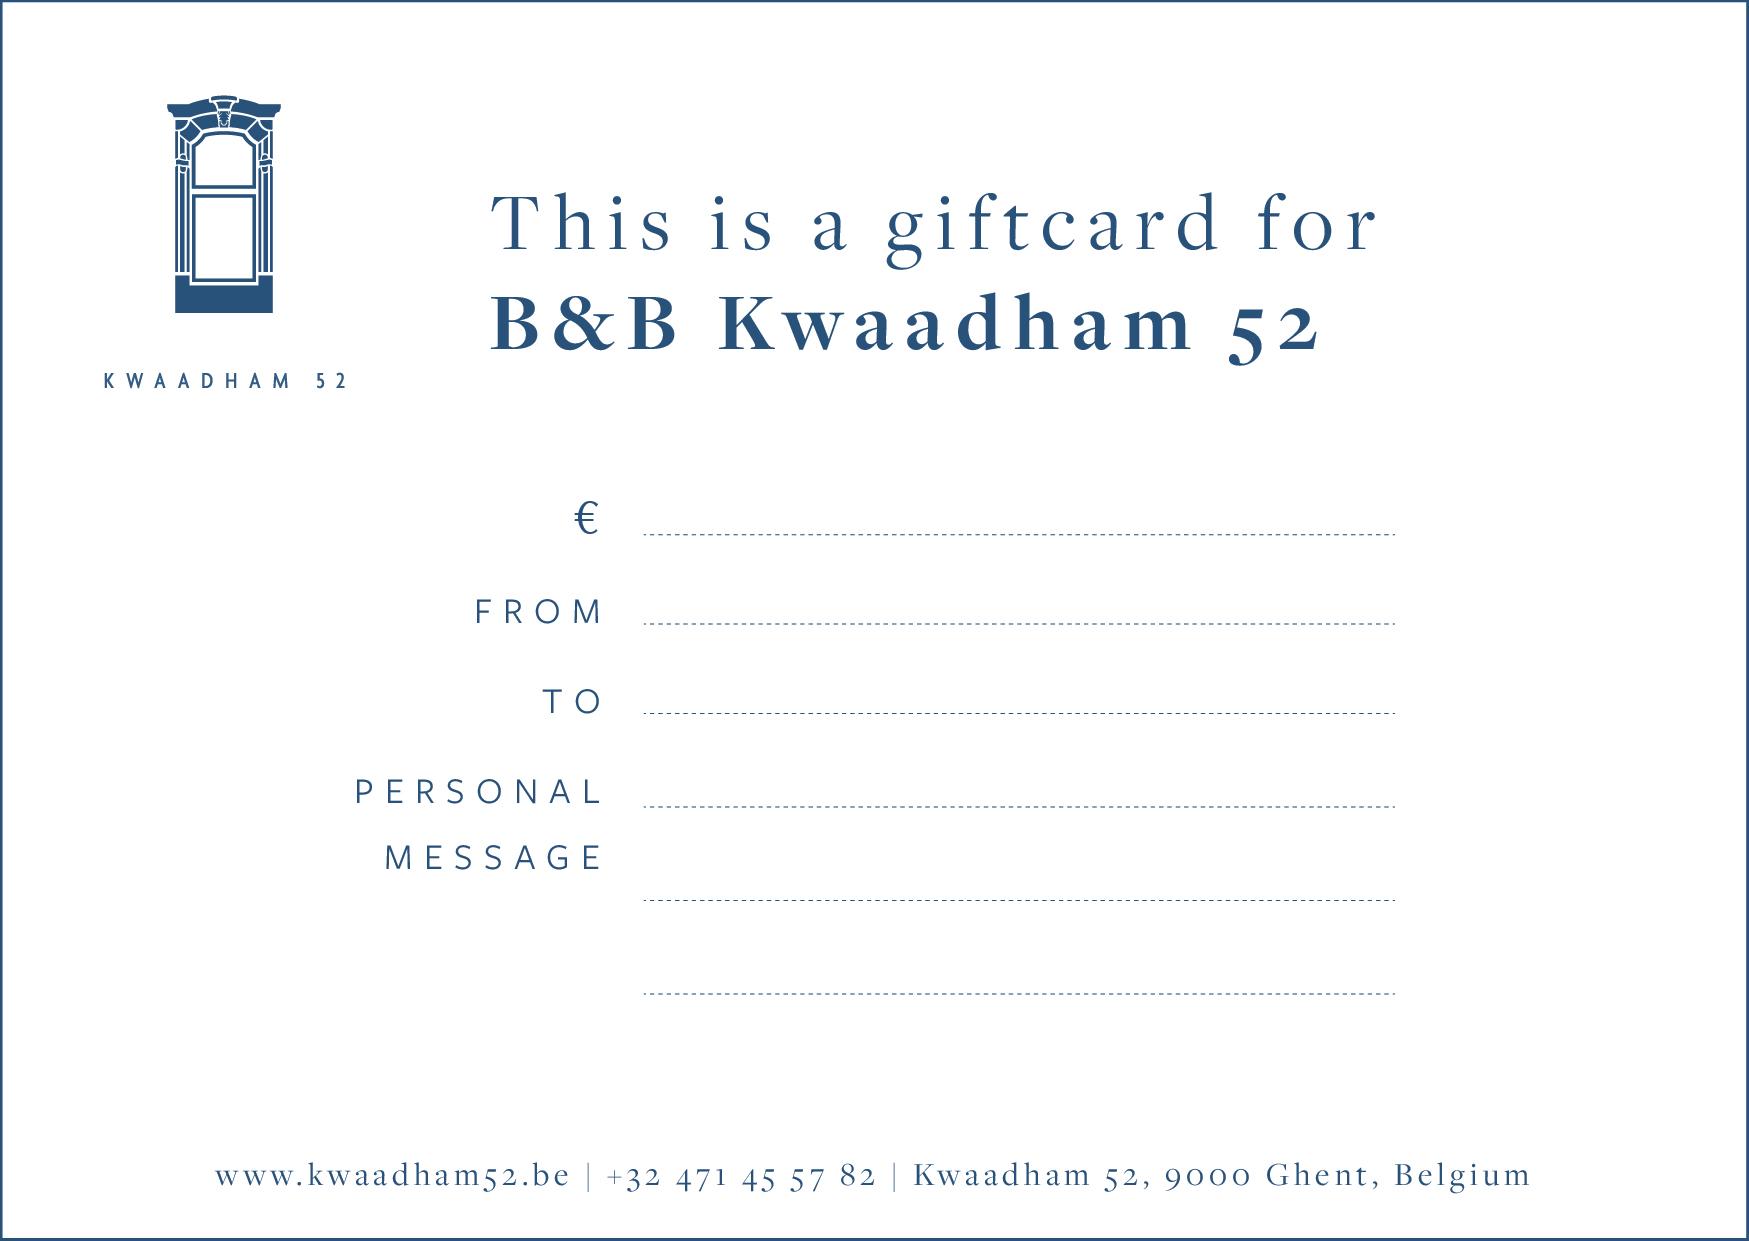 B&B_Giftcard_Tekengebied 2.jpg